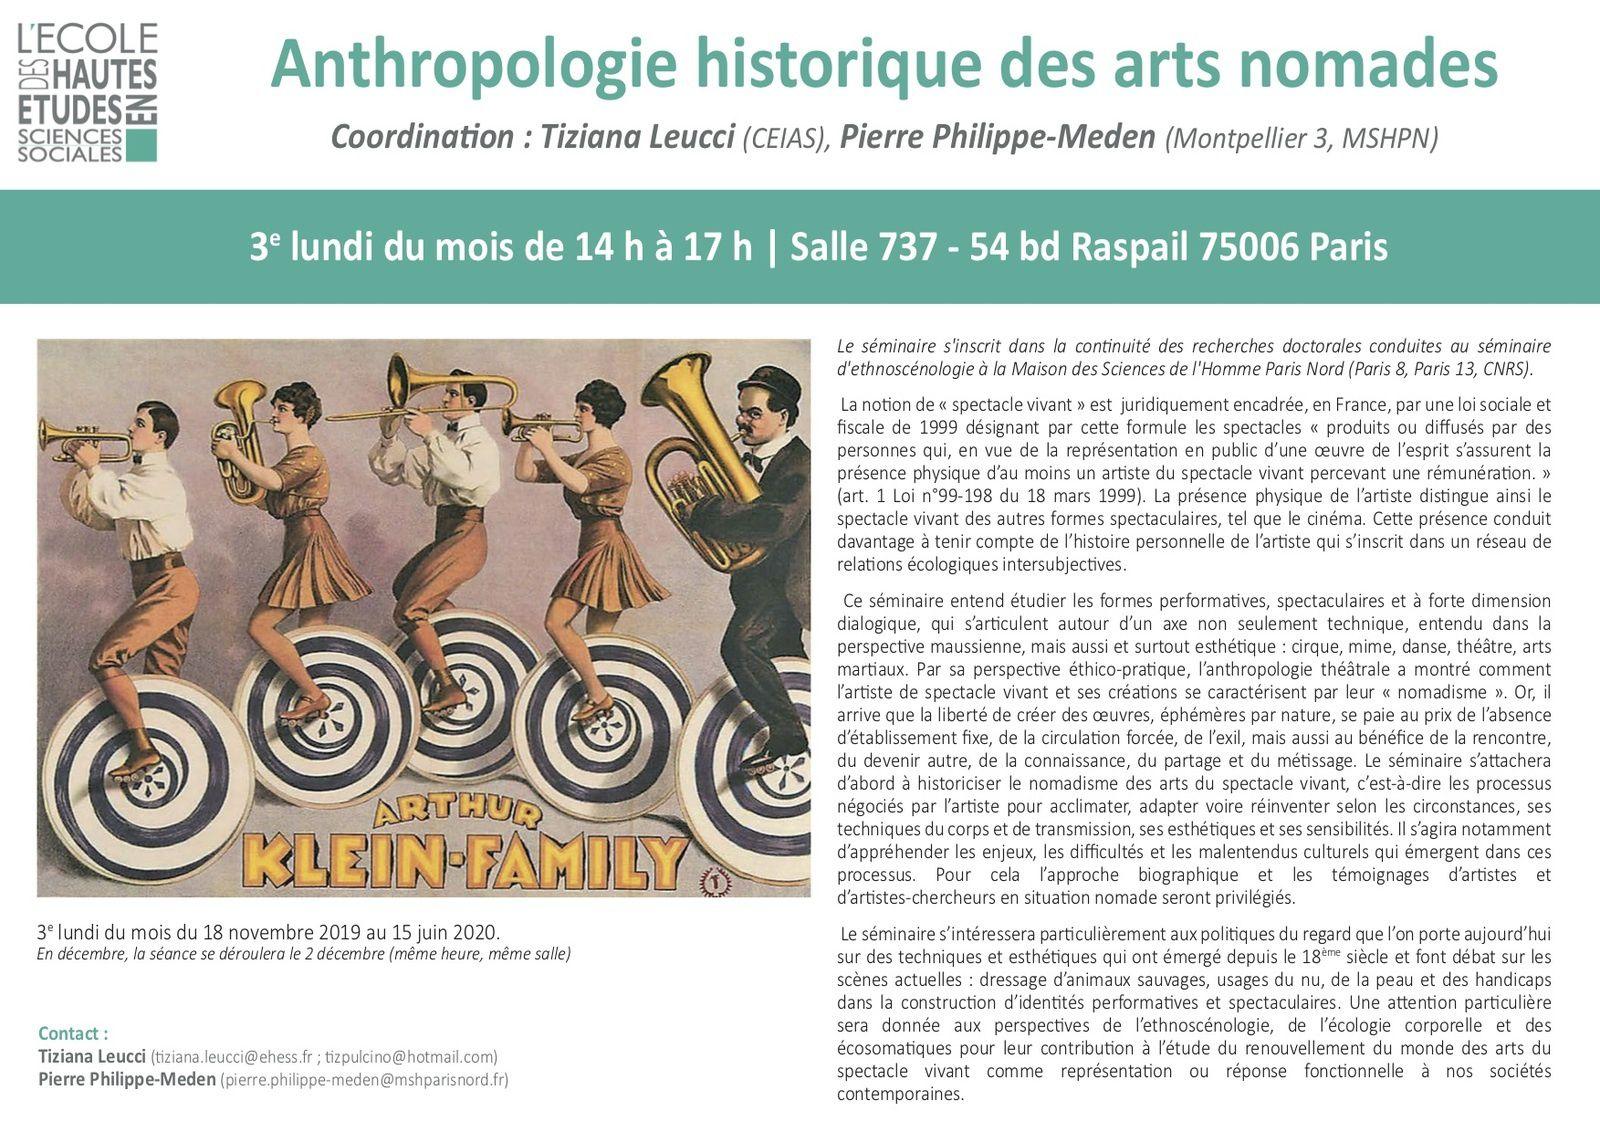 Anthropologie historique des arts nomades (séminaire d'ethnoscénologie)